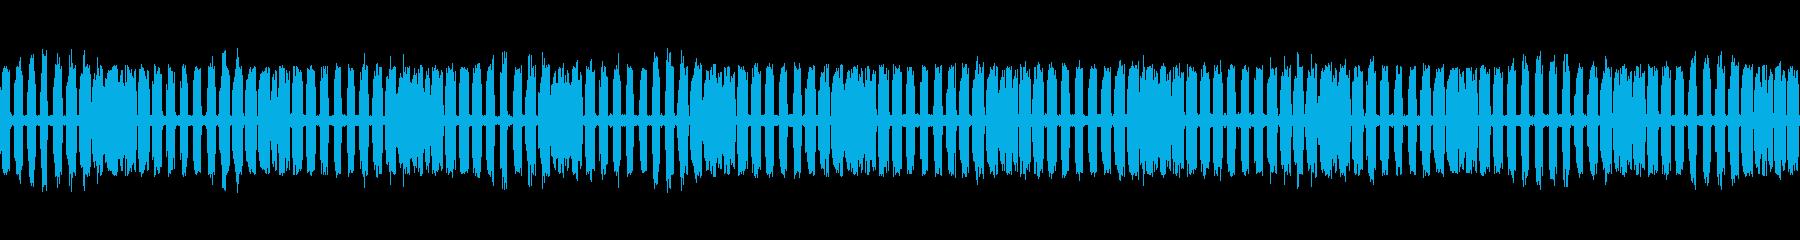 【生録音】秋の虫たちが鳴く音4 ループの再生済みの波形